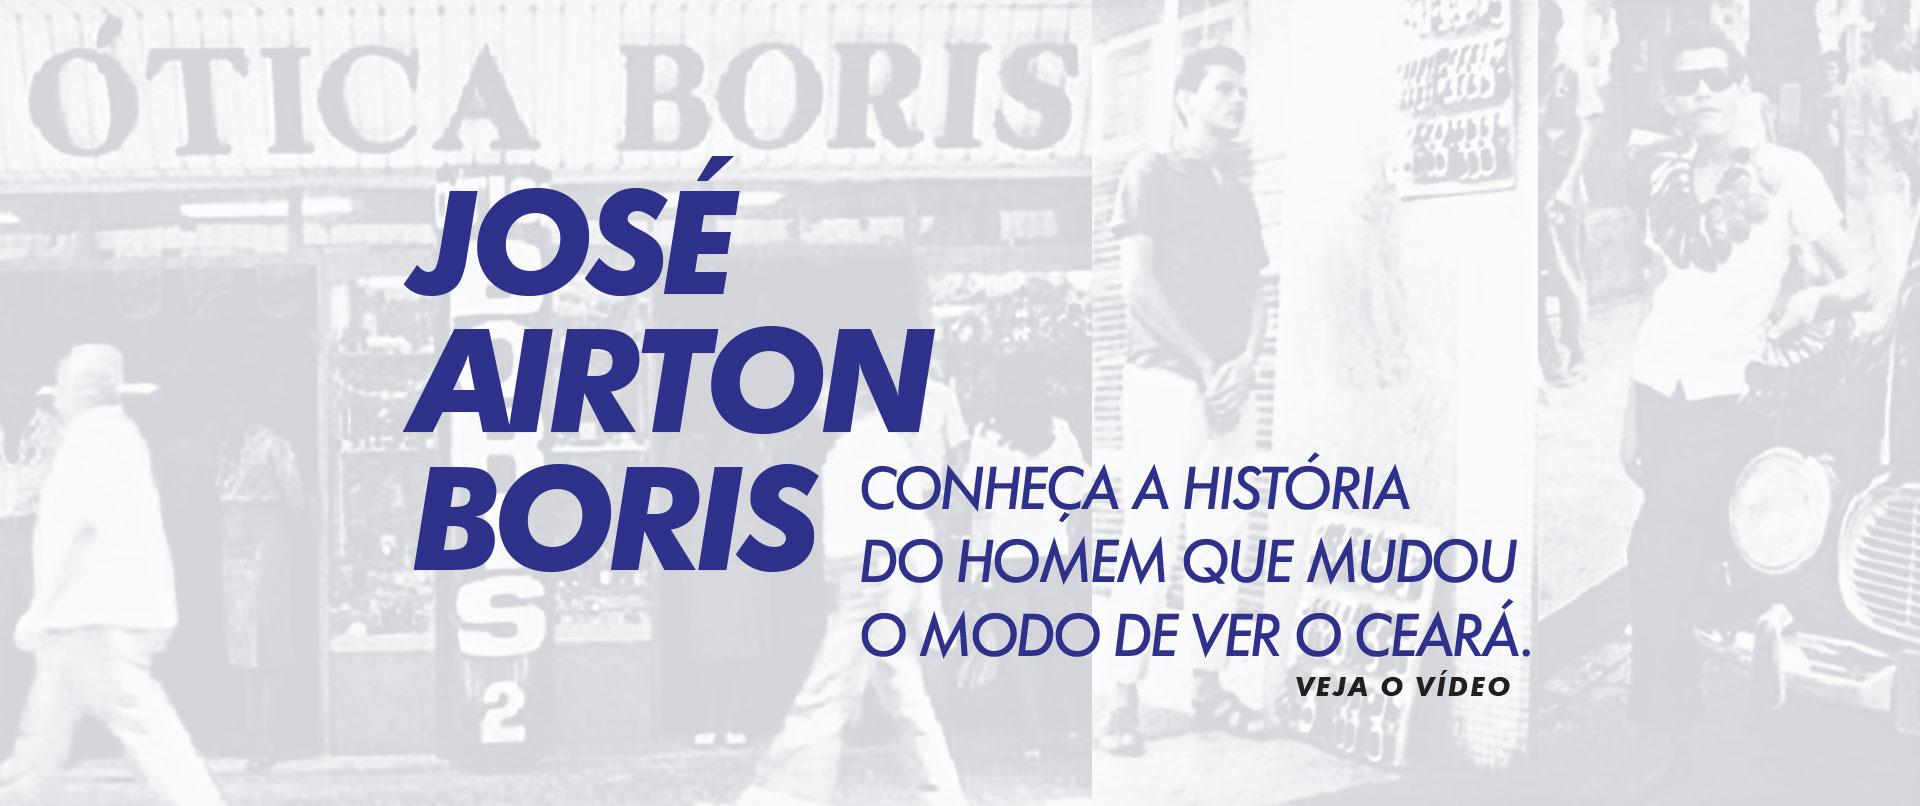 José Airton Boris